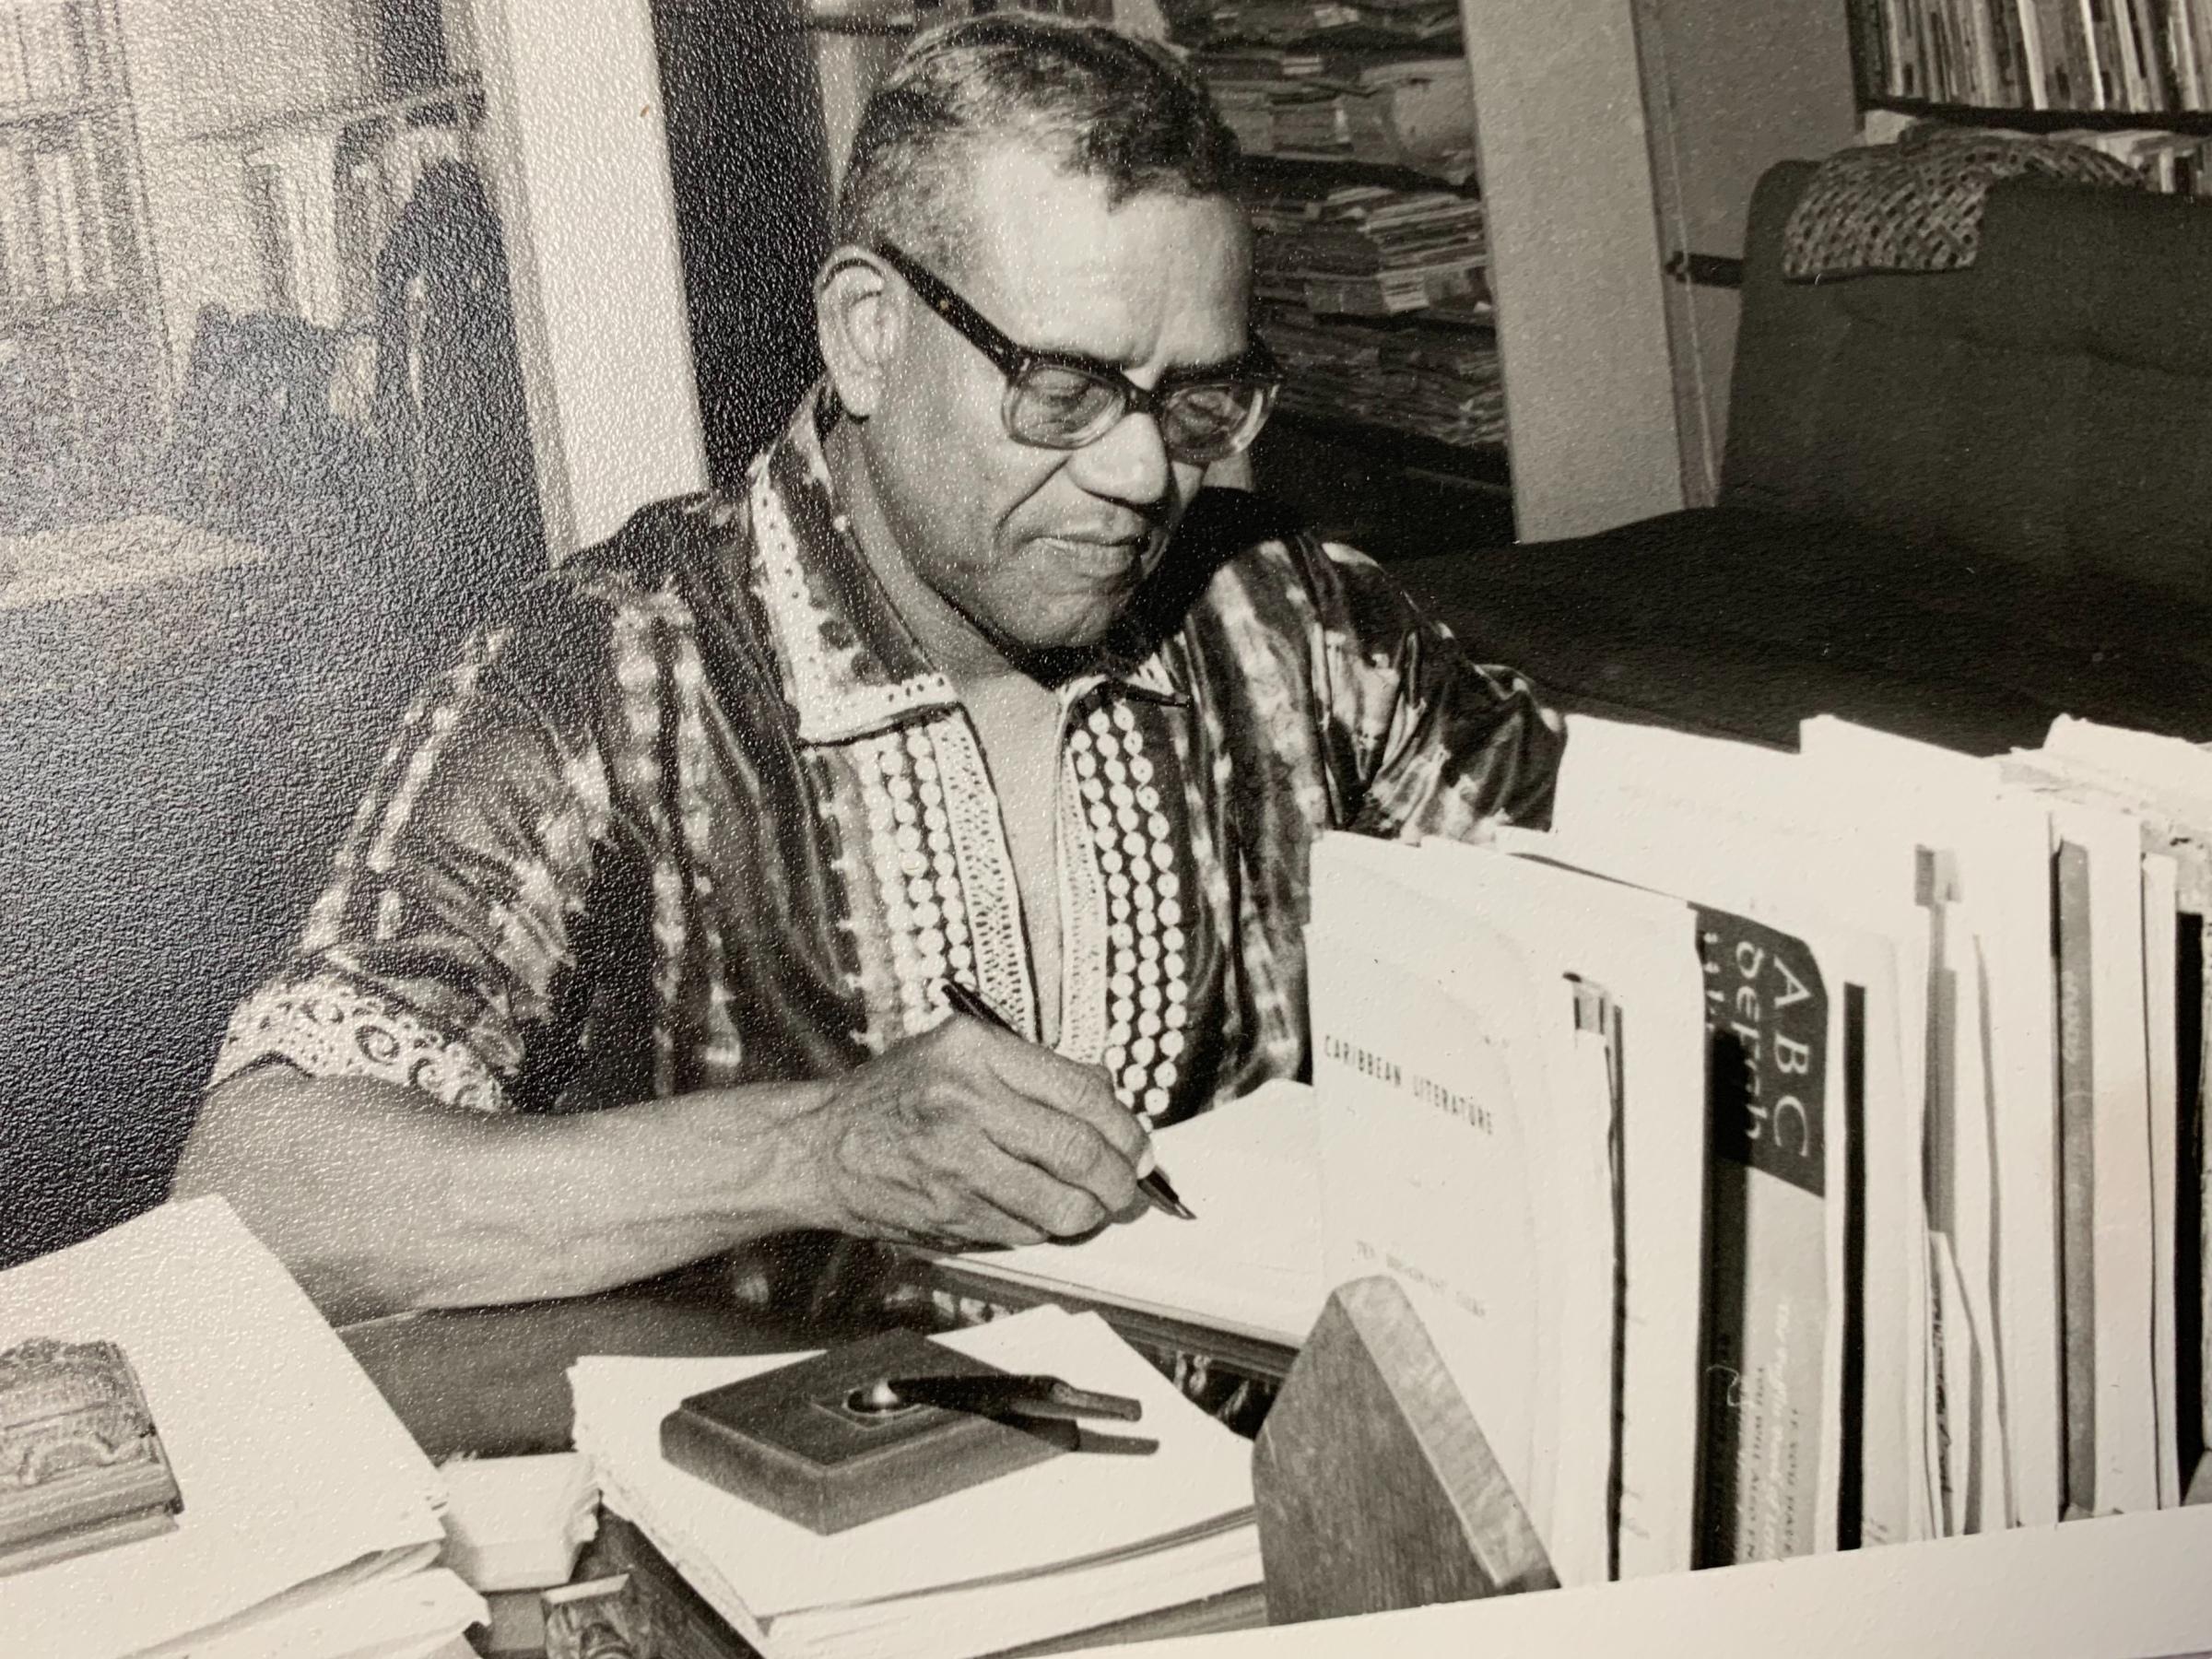 AJ Seymour at desk